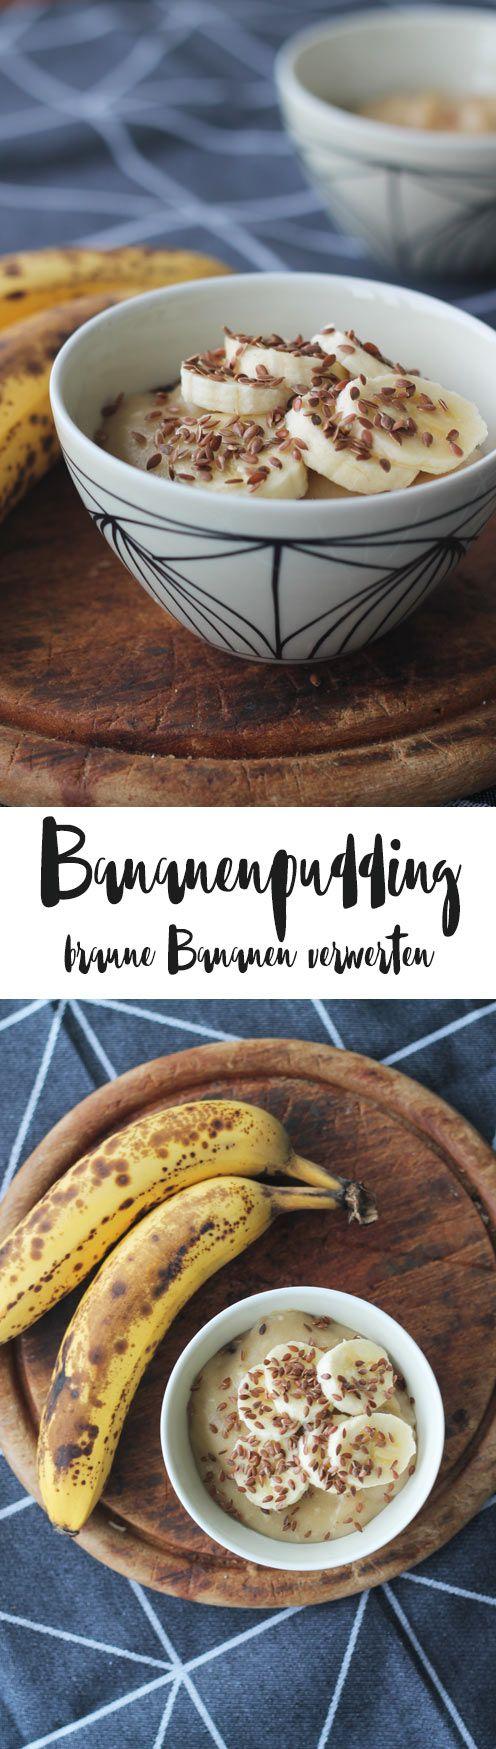 Bananenpudding Rezept - einfach braune Bananen verwerten und Abfall reduzieren